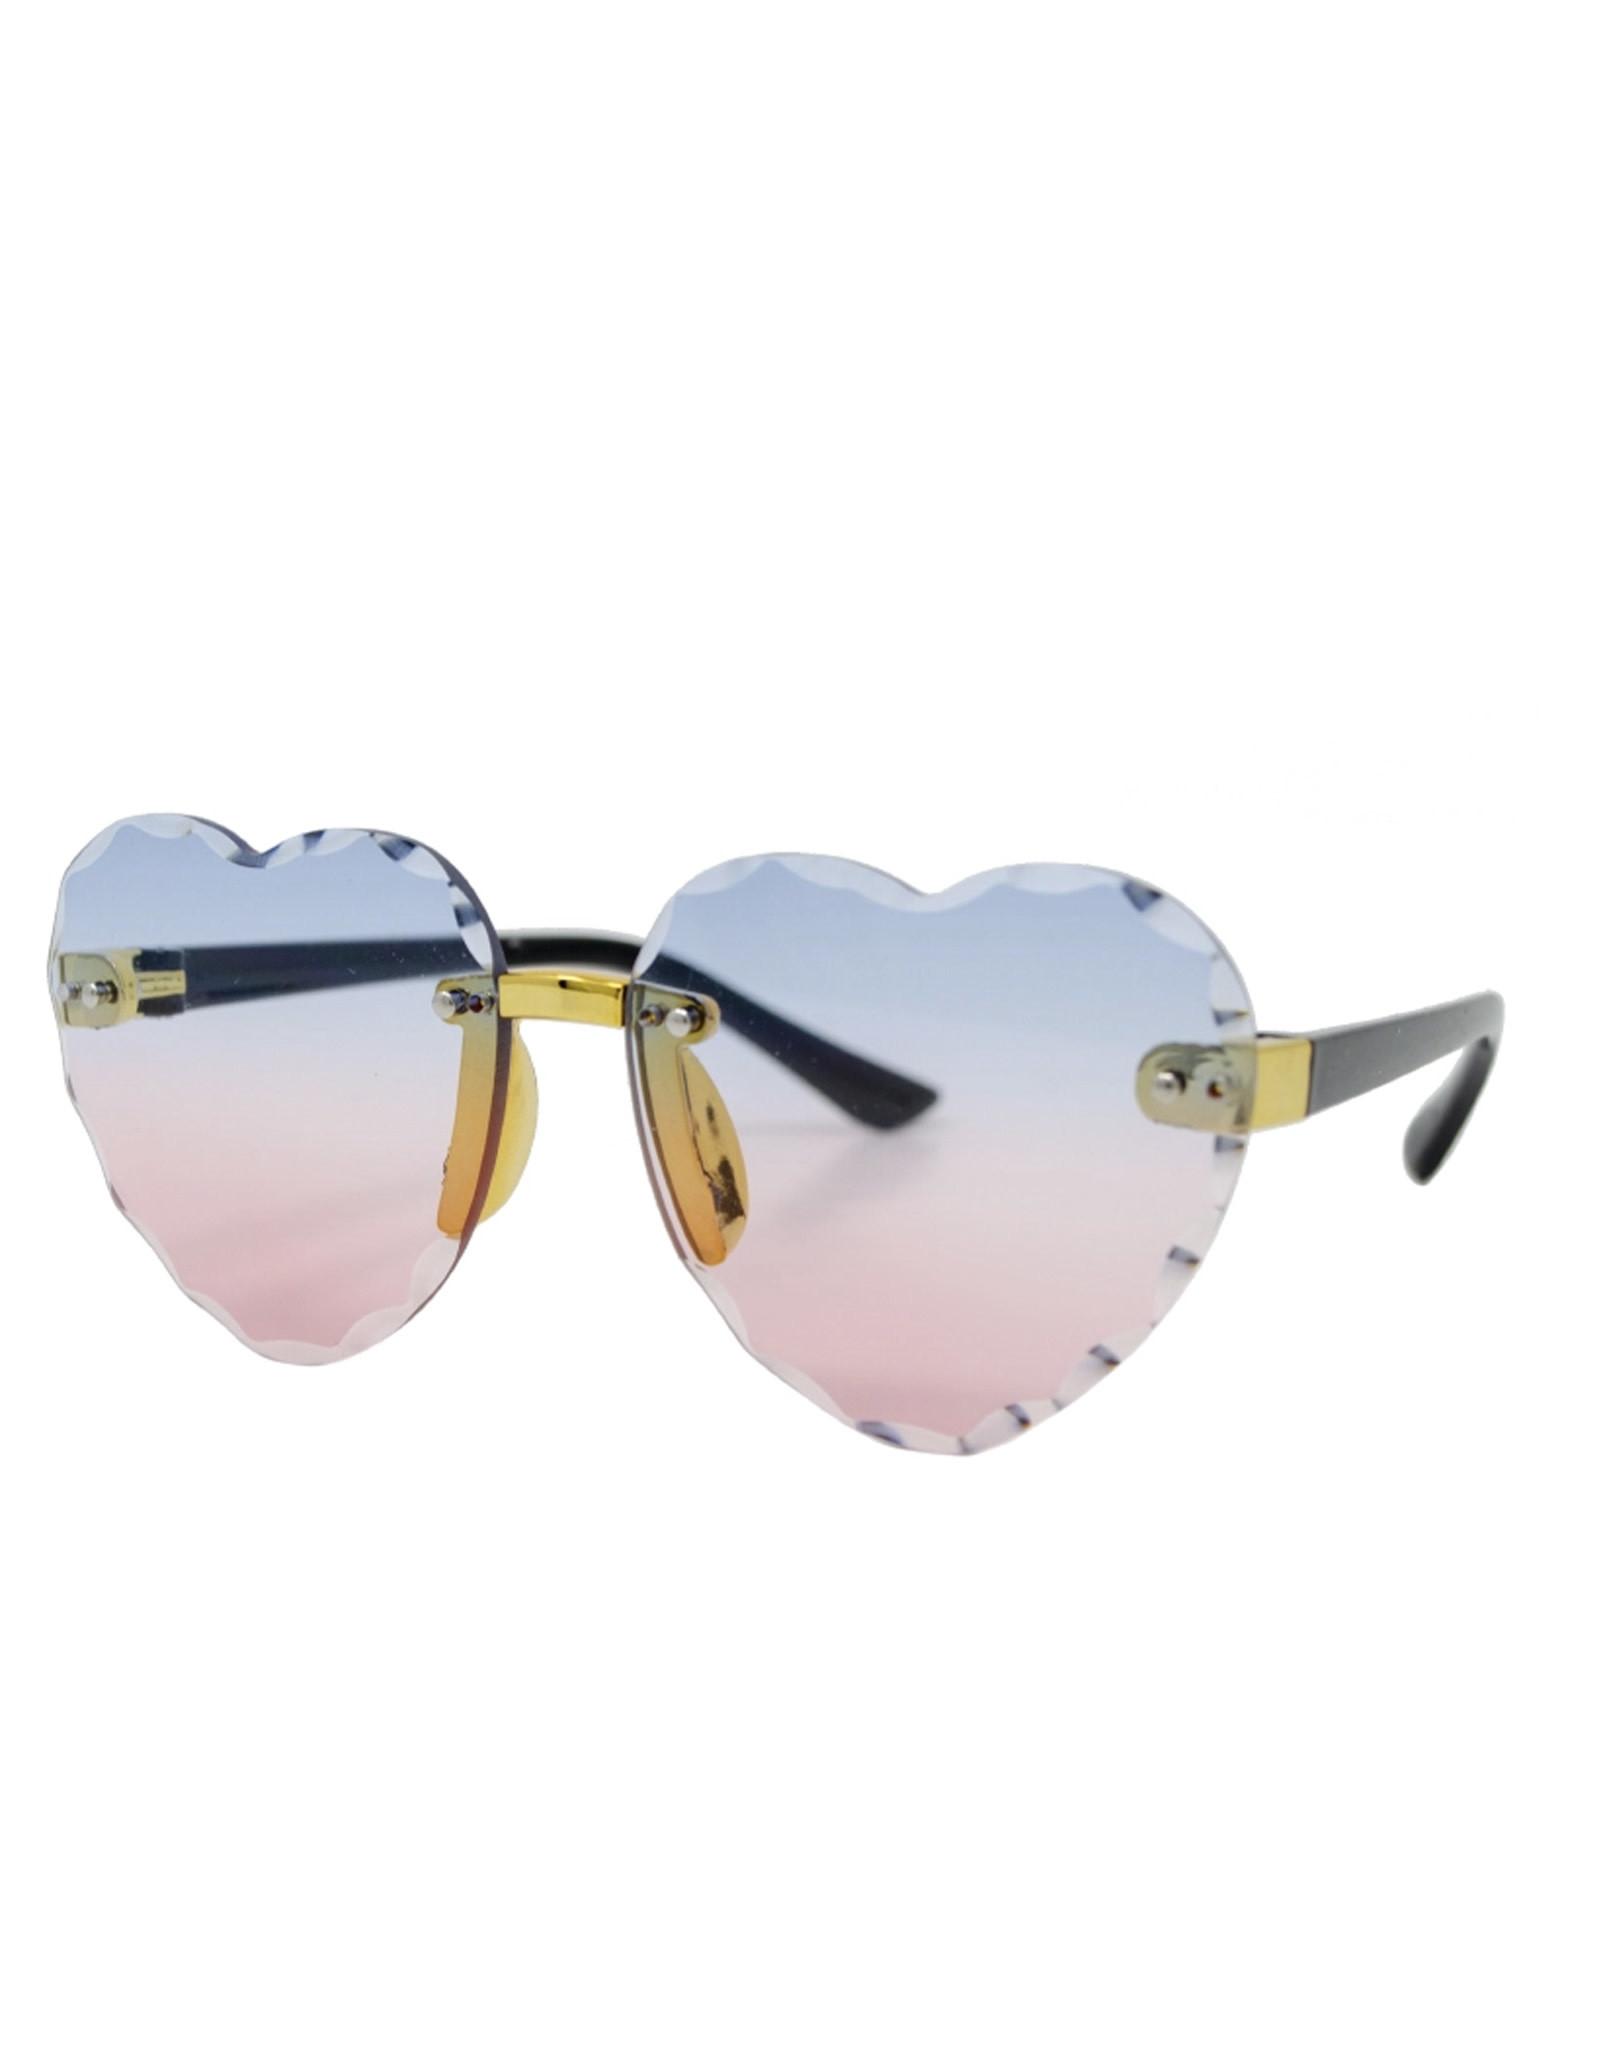 Tiny Treats & Zomi Gems Frameless Heart Sunglasses